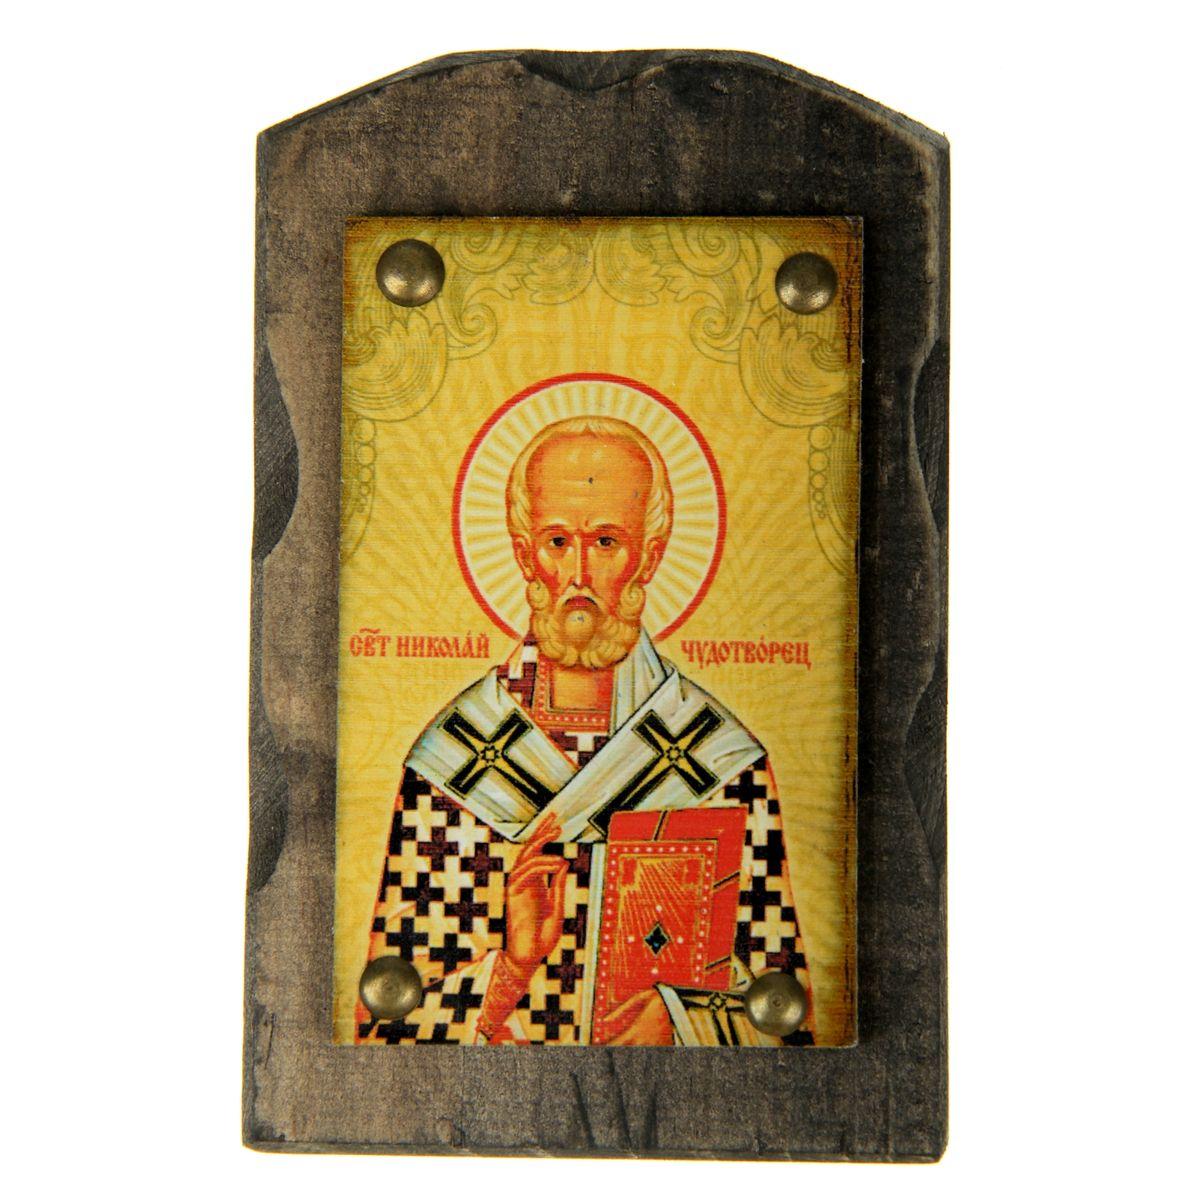 Икона на дереве Святой Николай Чудотворец, 9,5 х 15 см икона галерея благолепия икона святой николай чудотворец 3 юл 09